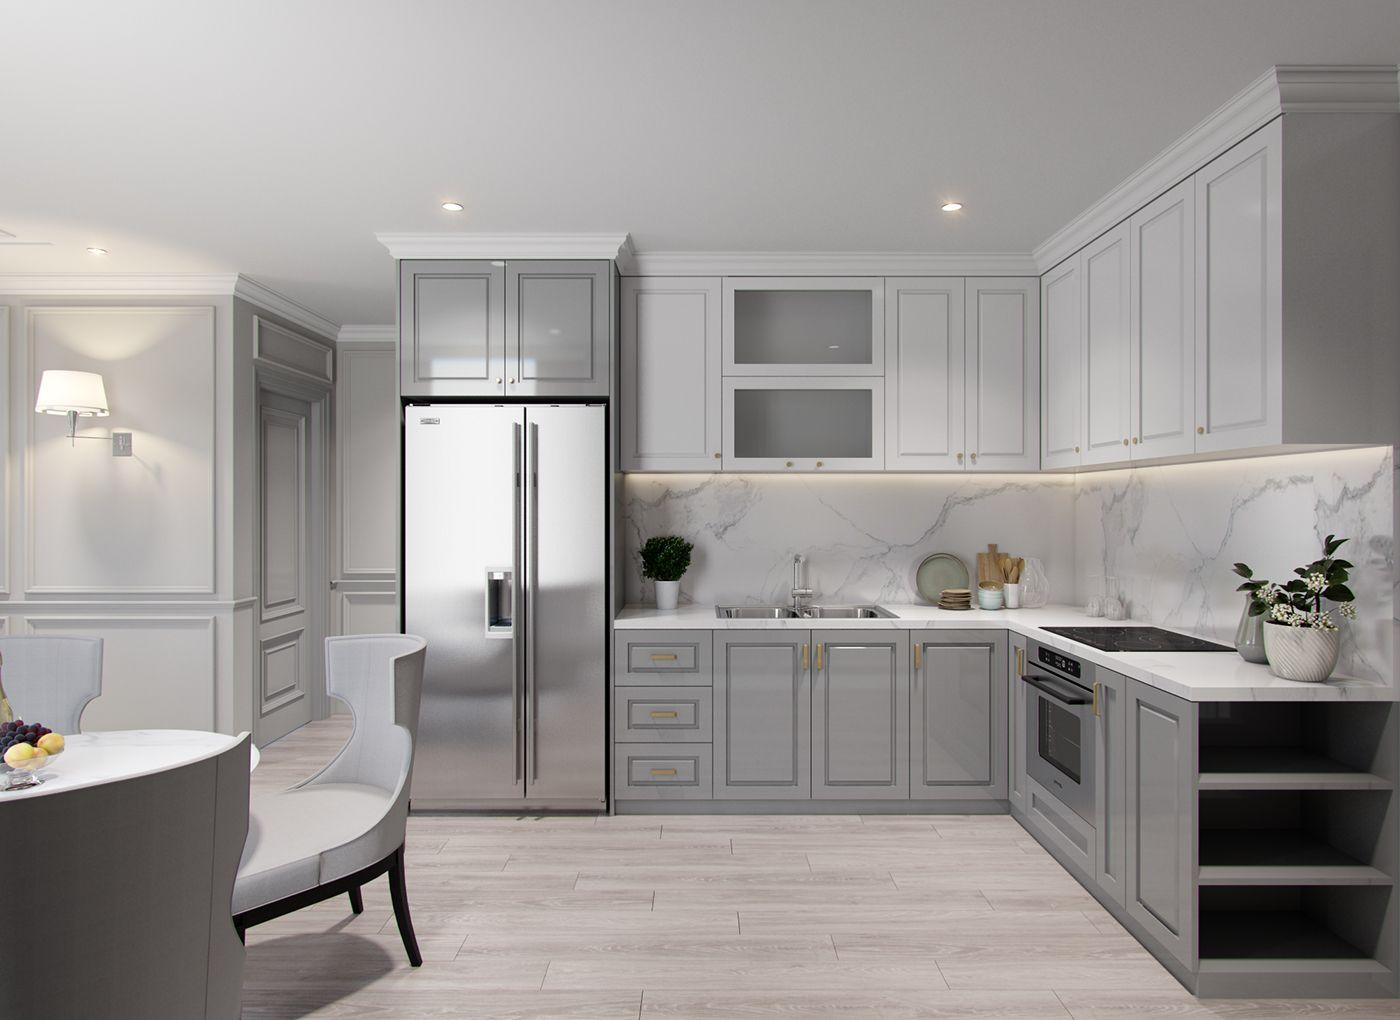 APARTMENT on Behance | Kitchen, Kitchen cabinets, Interior